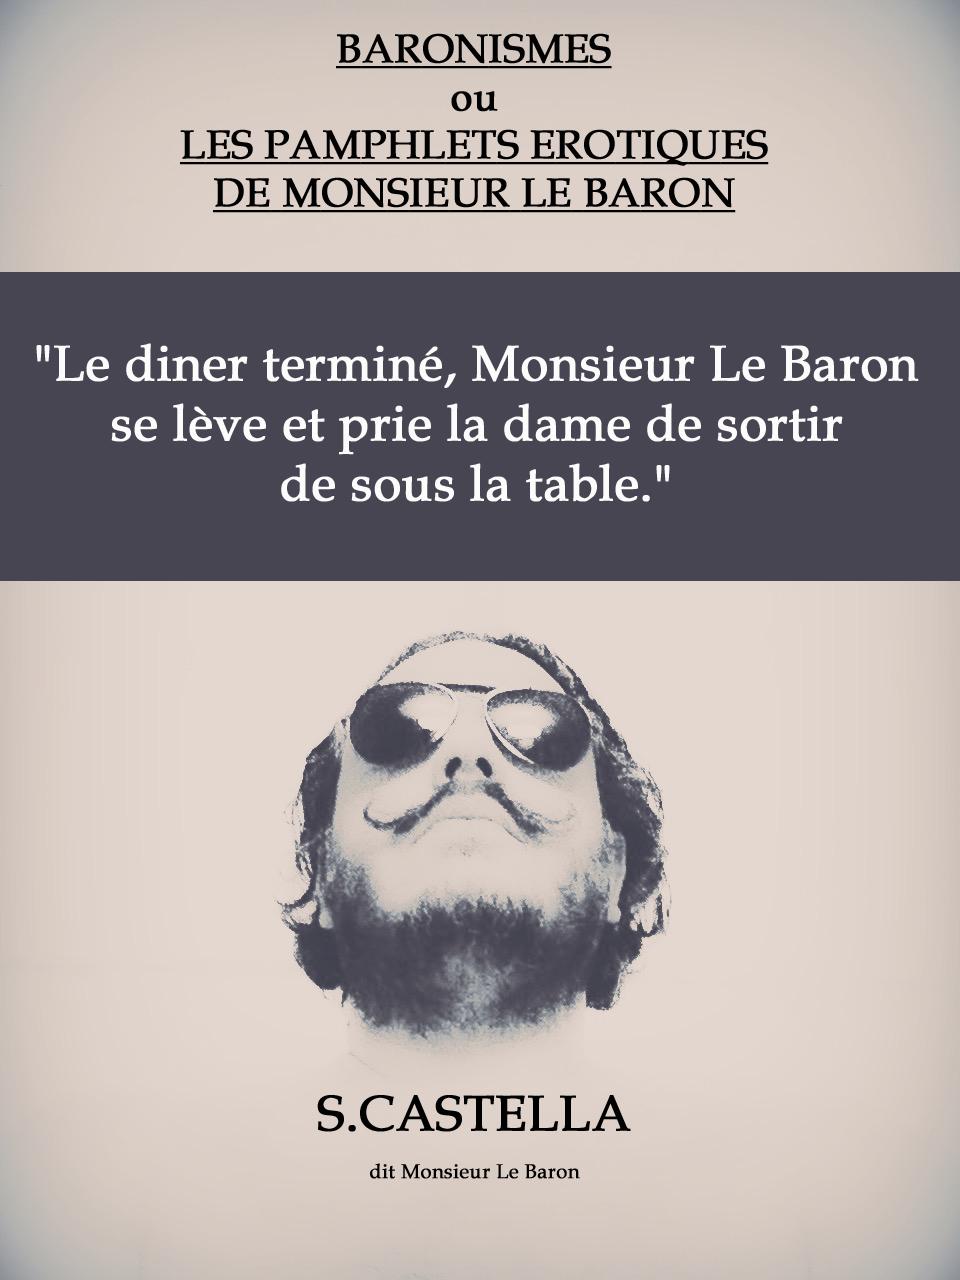 castella-baronisme10